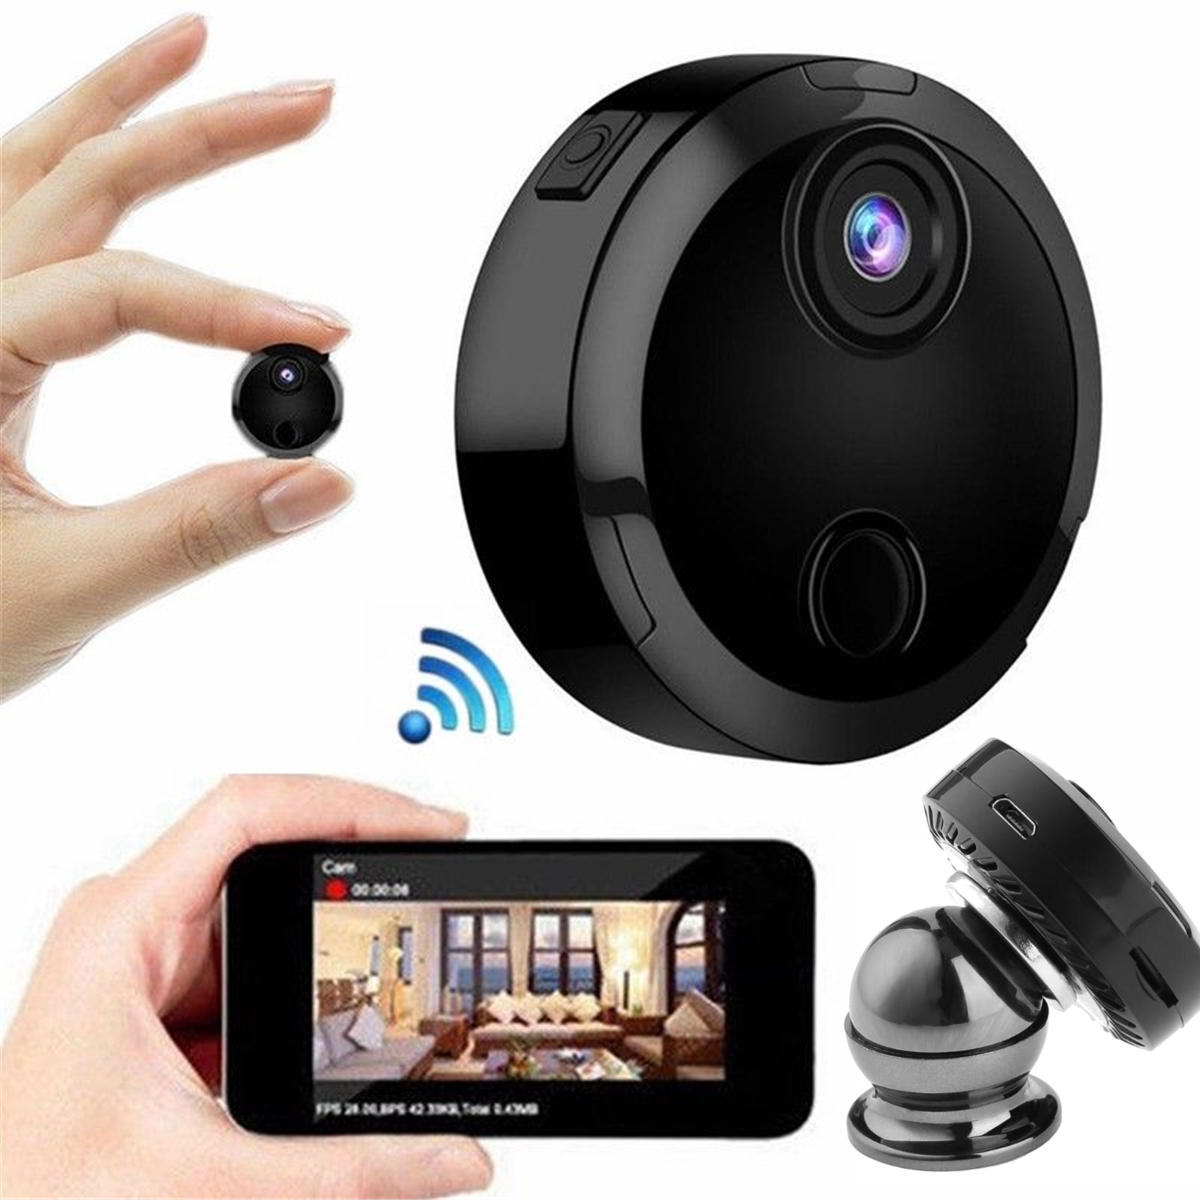 تركيب كاميرات مراقبة لاسلكية في الاردن